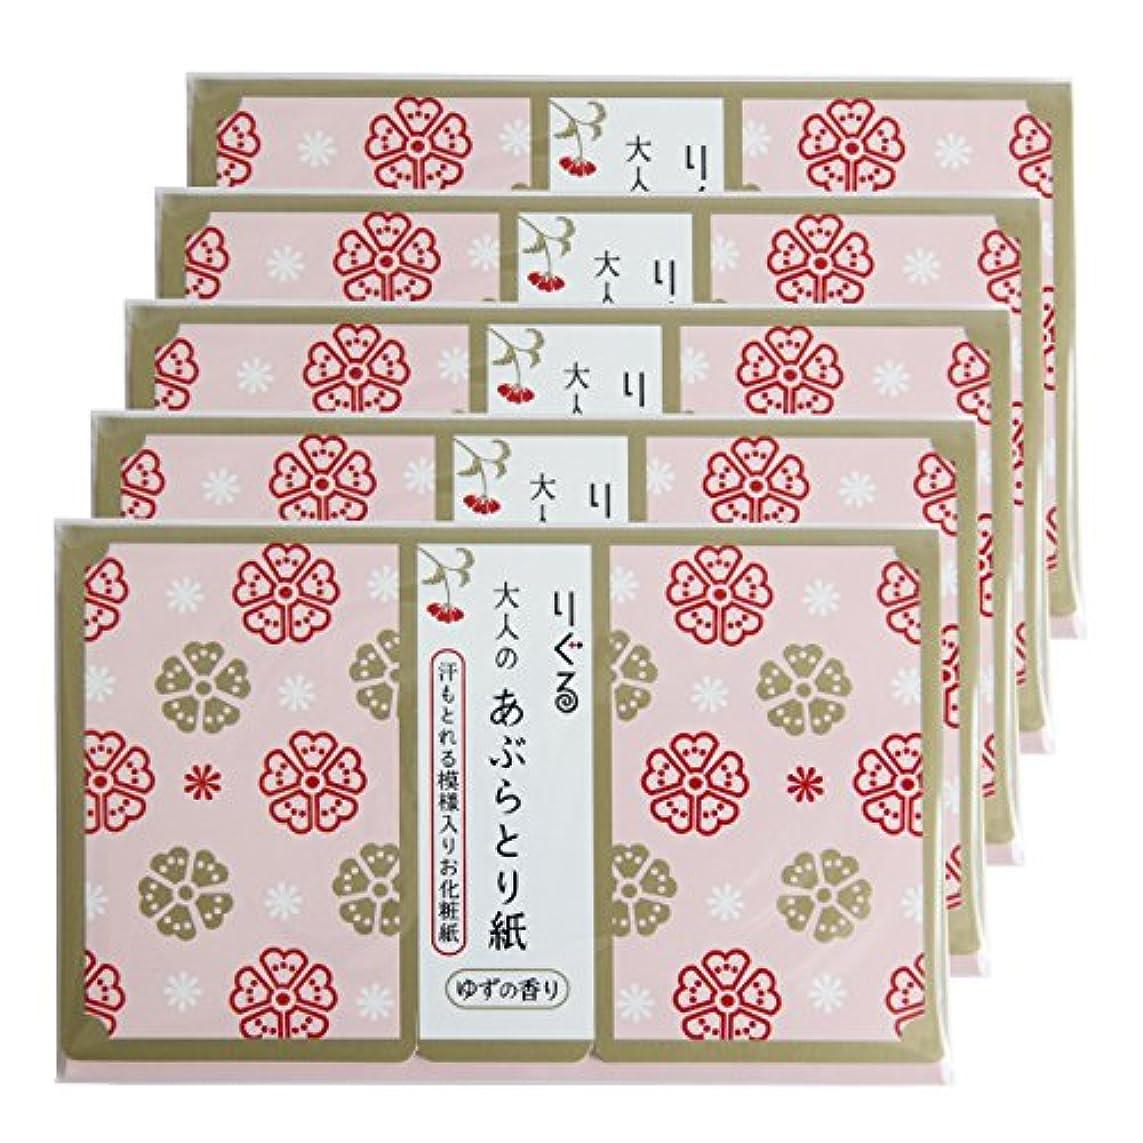 電池物理学者ご注意りぐる 大人のあぶらとり紙 使うたびにうれしくなる ちょっと贅沢な高知県産ゆずの香りのあぶらとり紙(30枚入り) (5p)